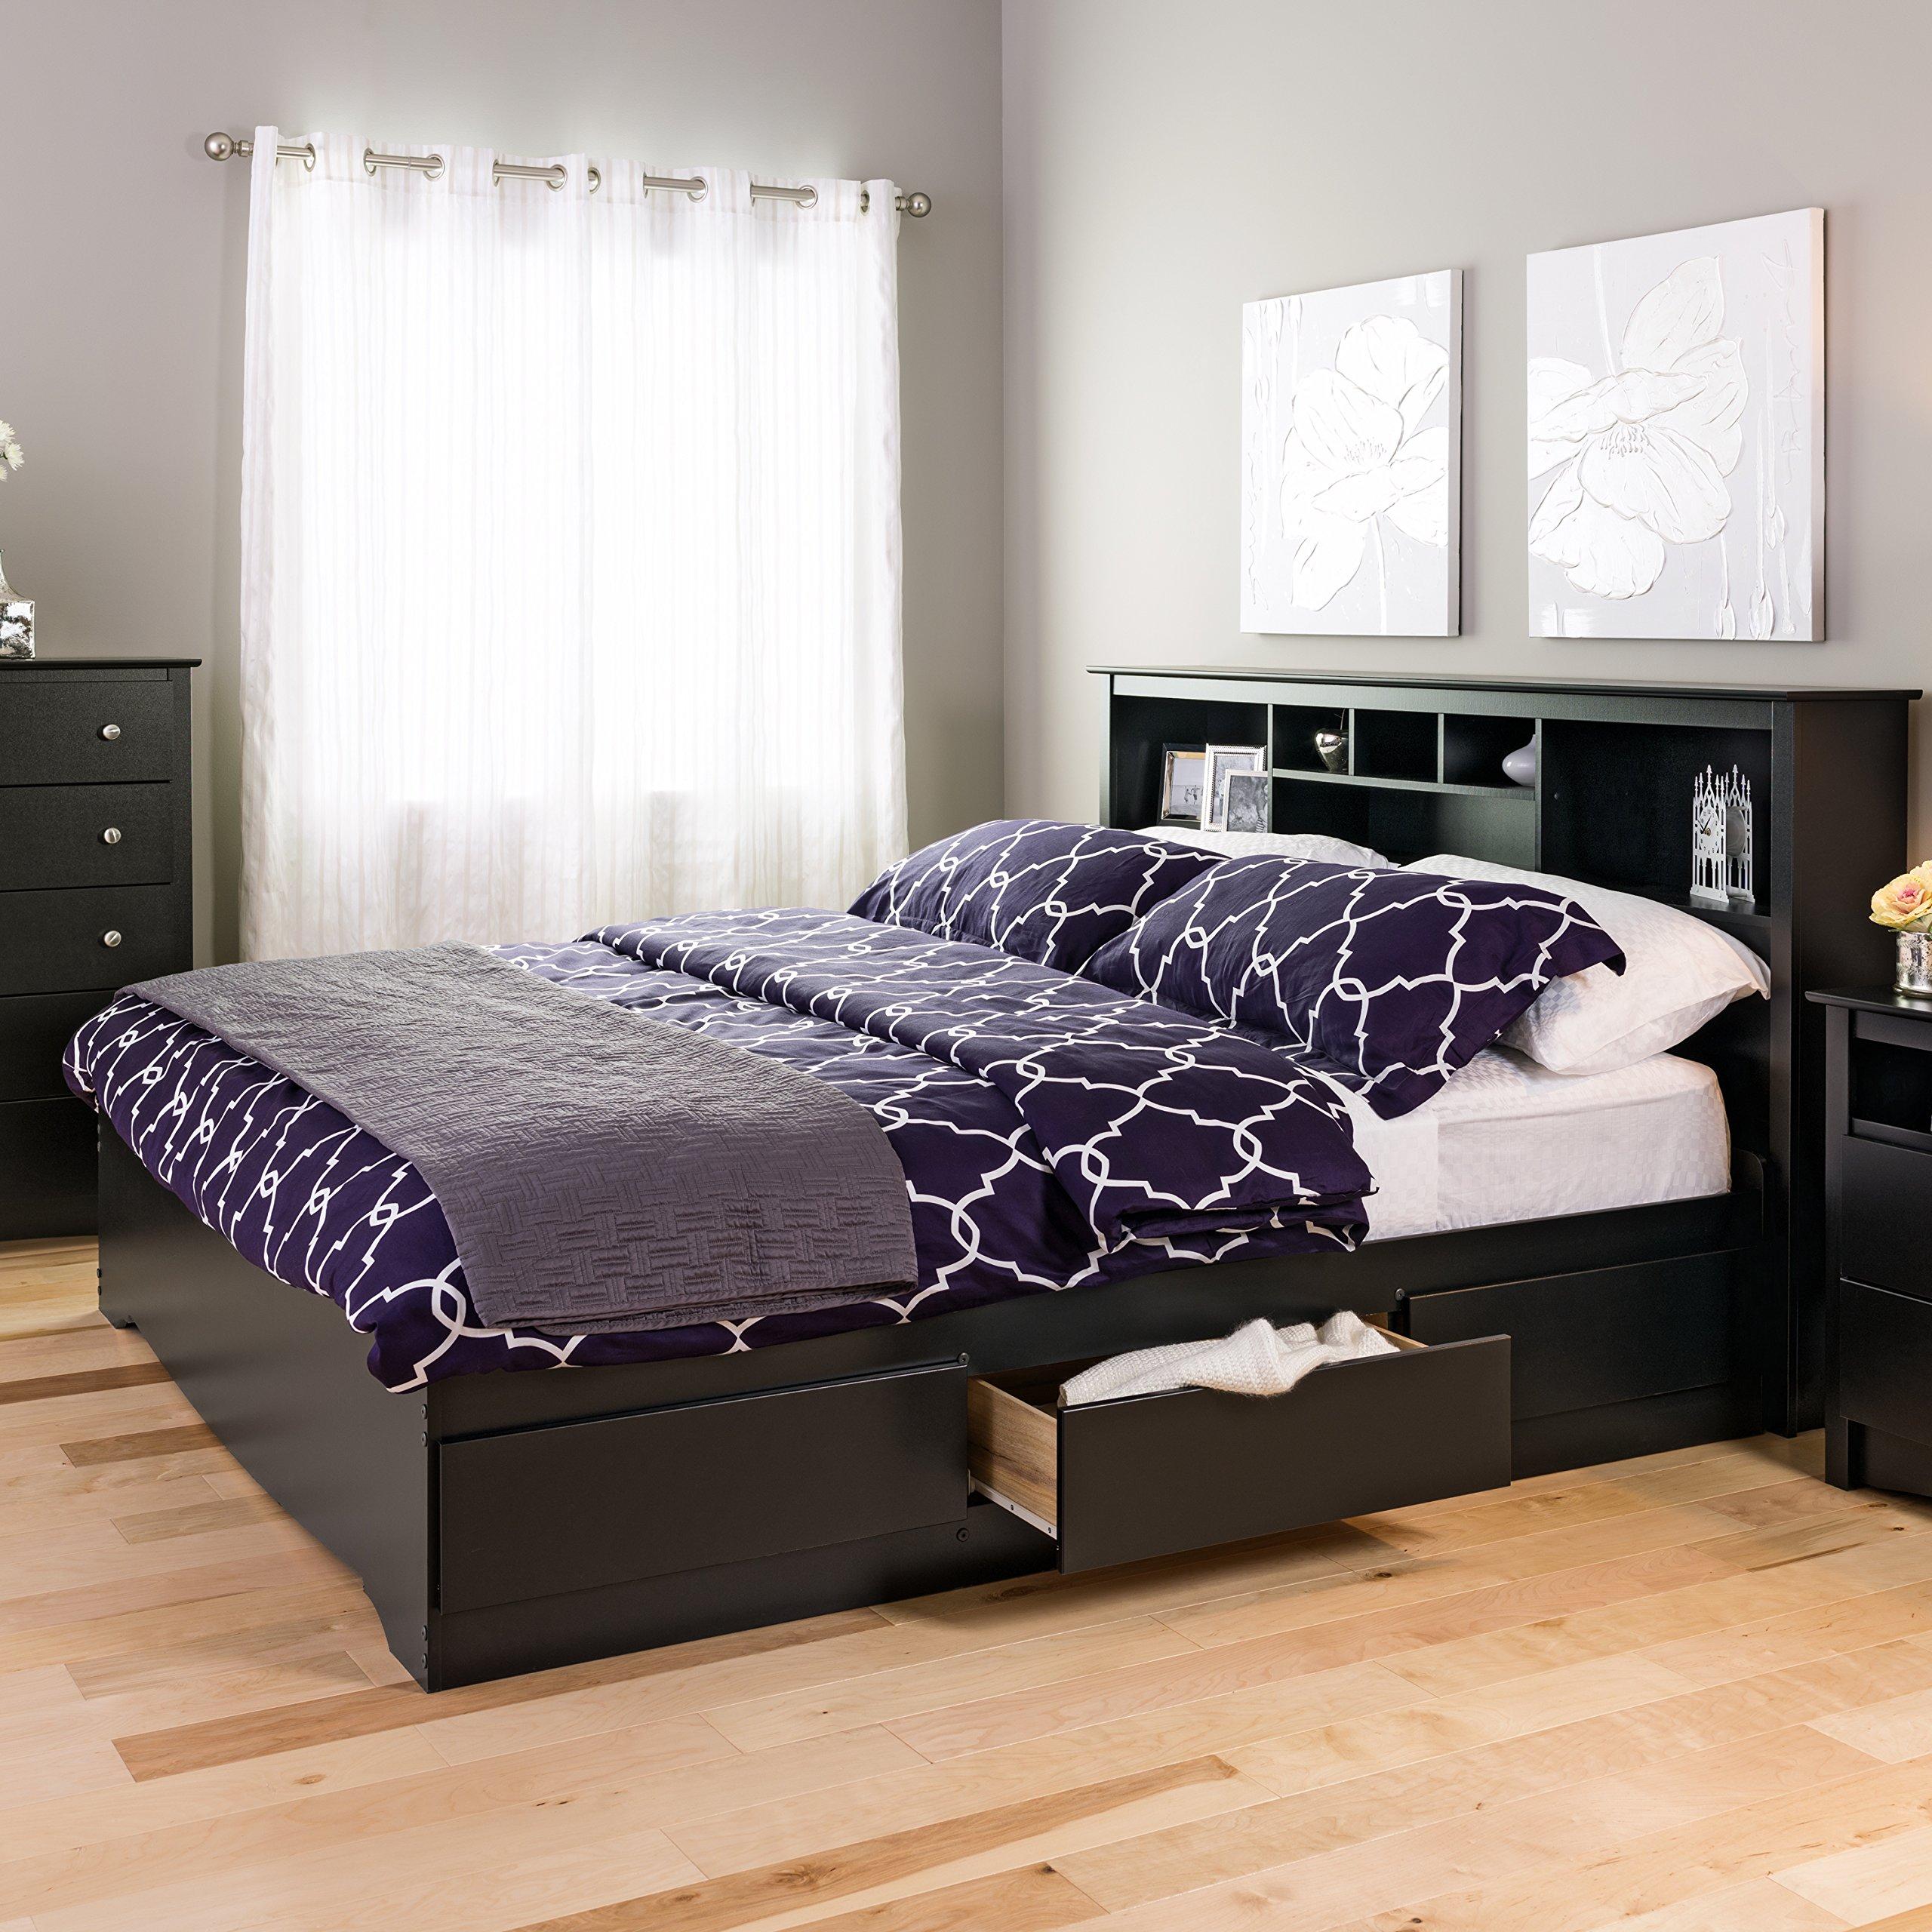 Black King Mates Platform Storage Bed with 6 Drawers Black | eBay